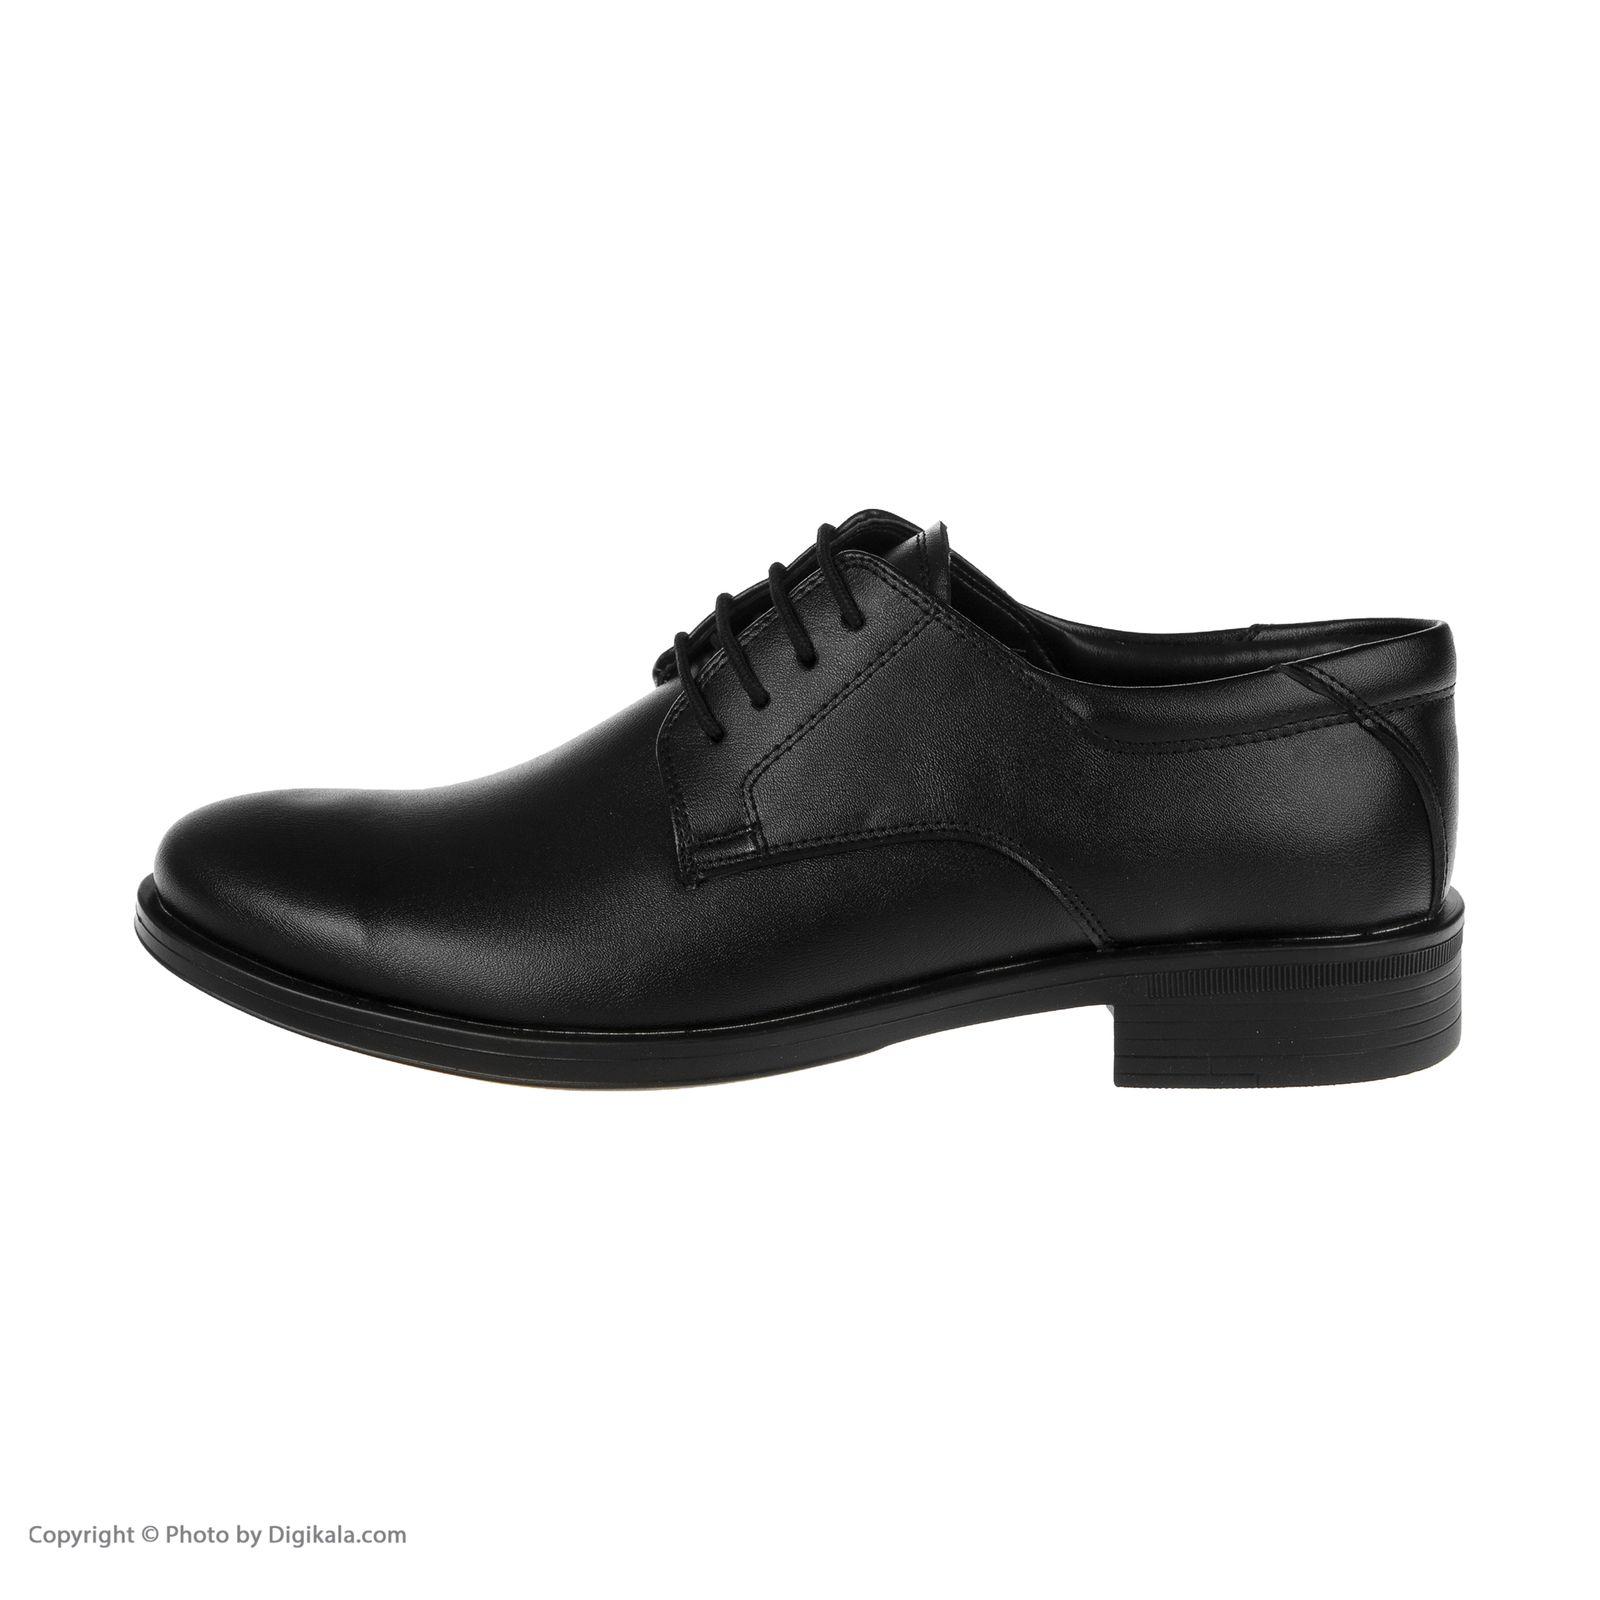 کفش مردانه اسپرت من مدل r615-1 -  - 2